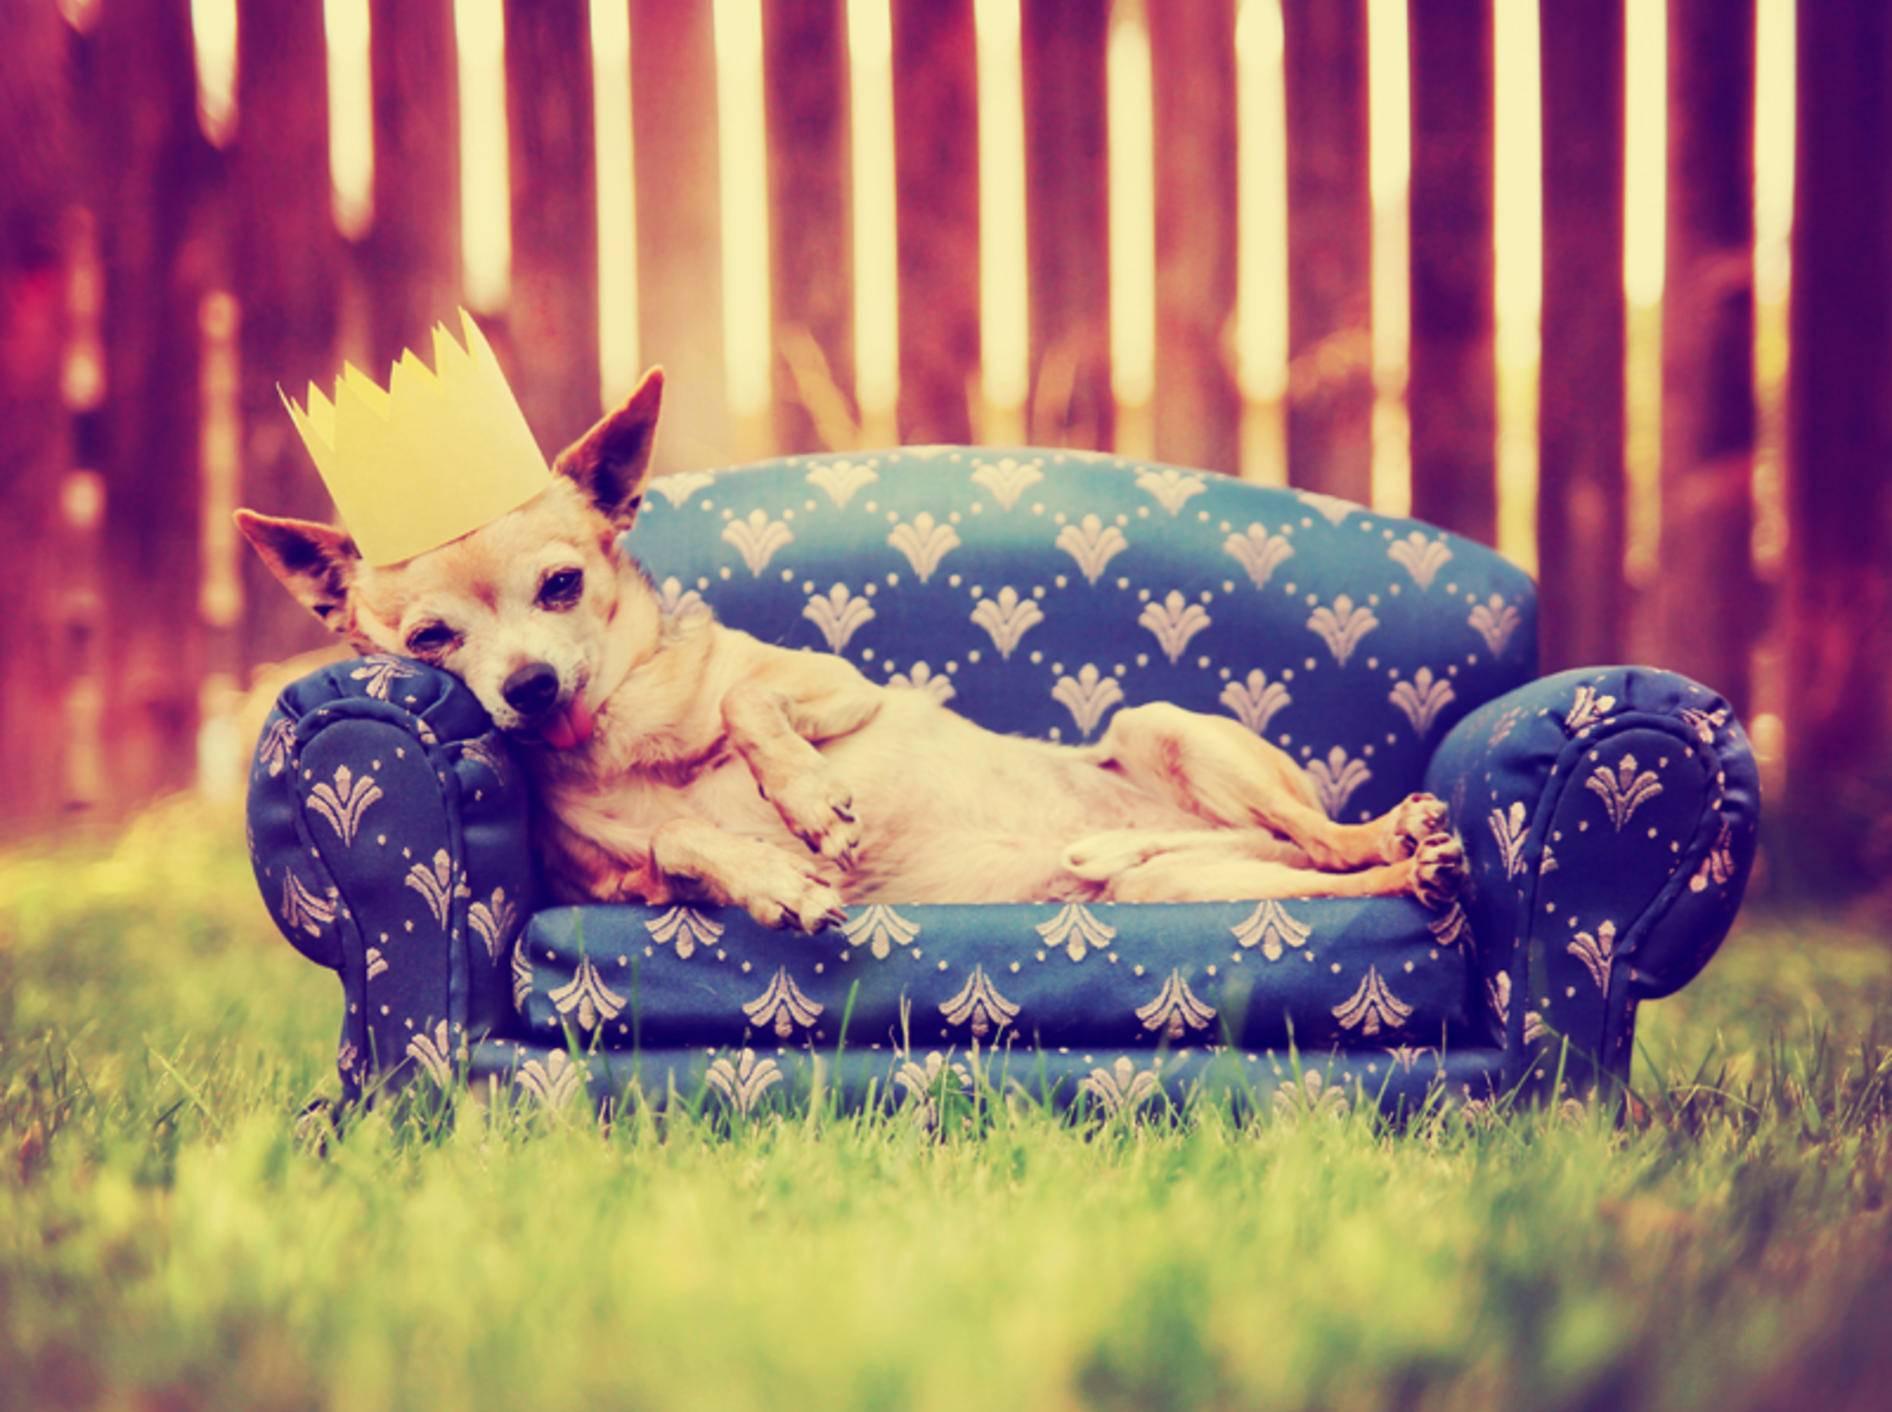 Falsches Belohnen ist ein häufiger Fehler in der Hundeerziehung – Bild: Shutterstock / Annette Shaff